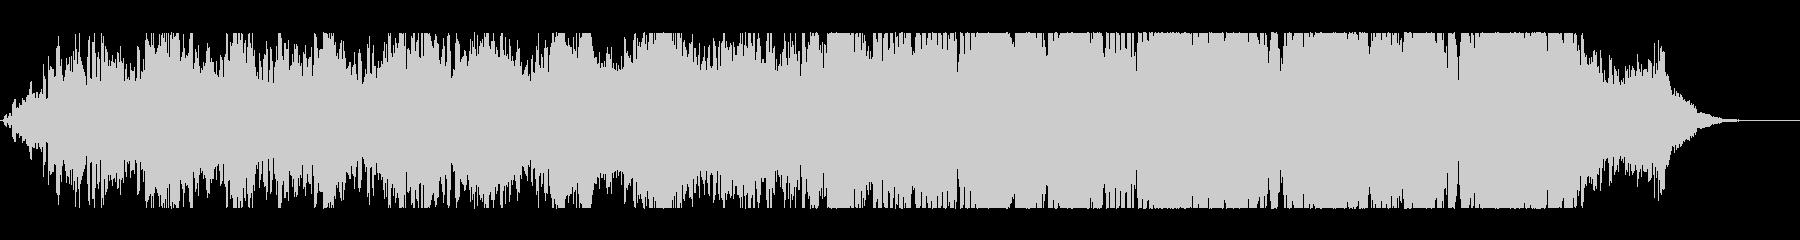 サスペンス 6の未再生の波形